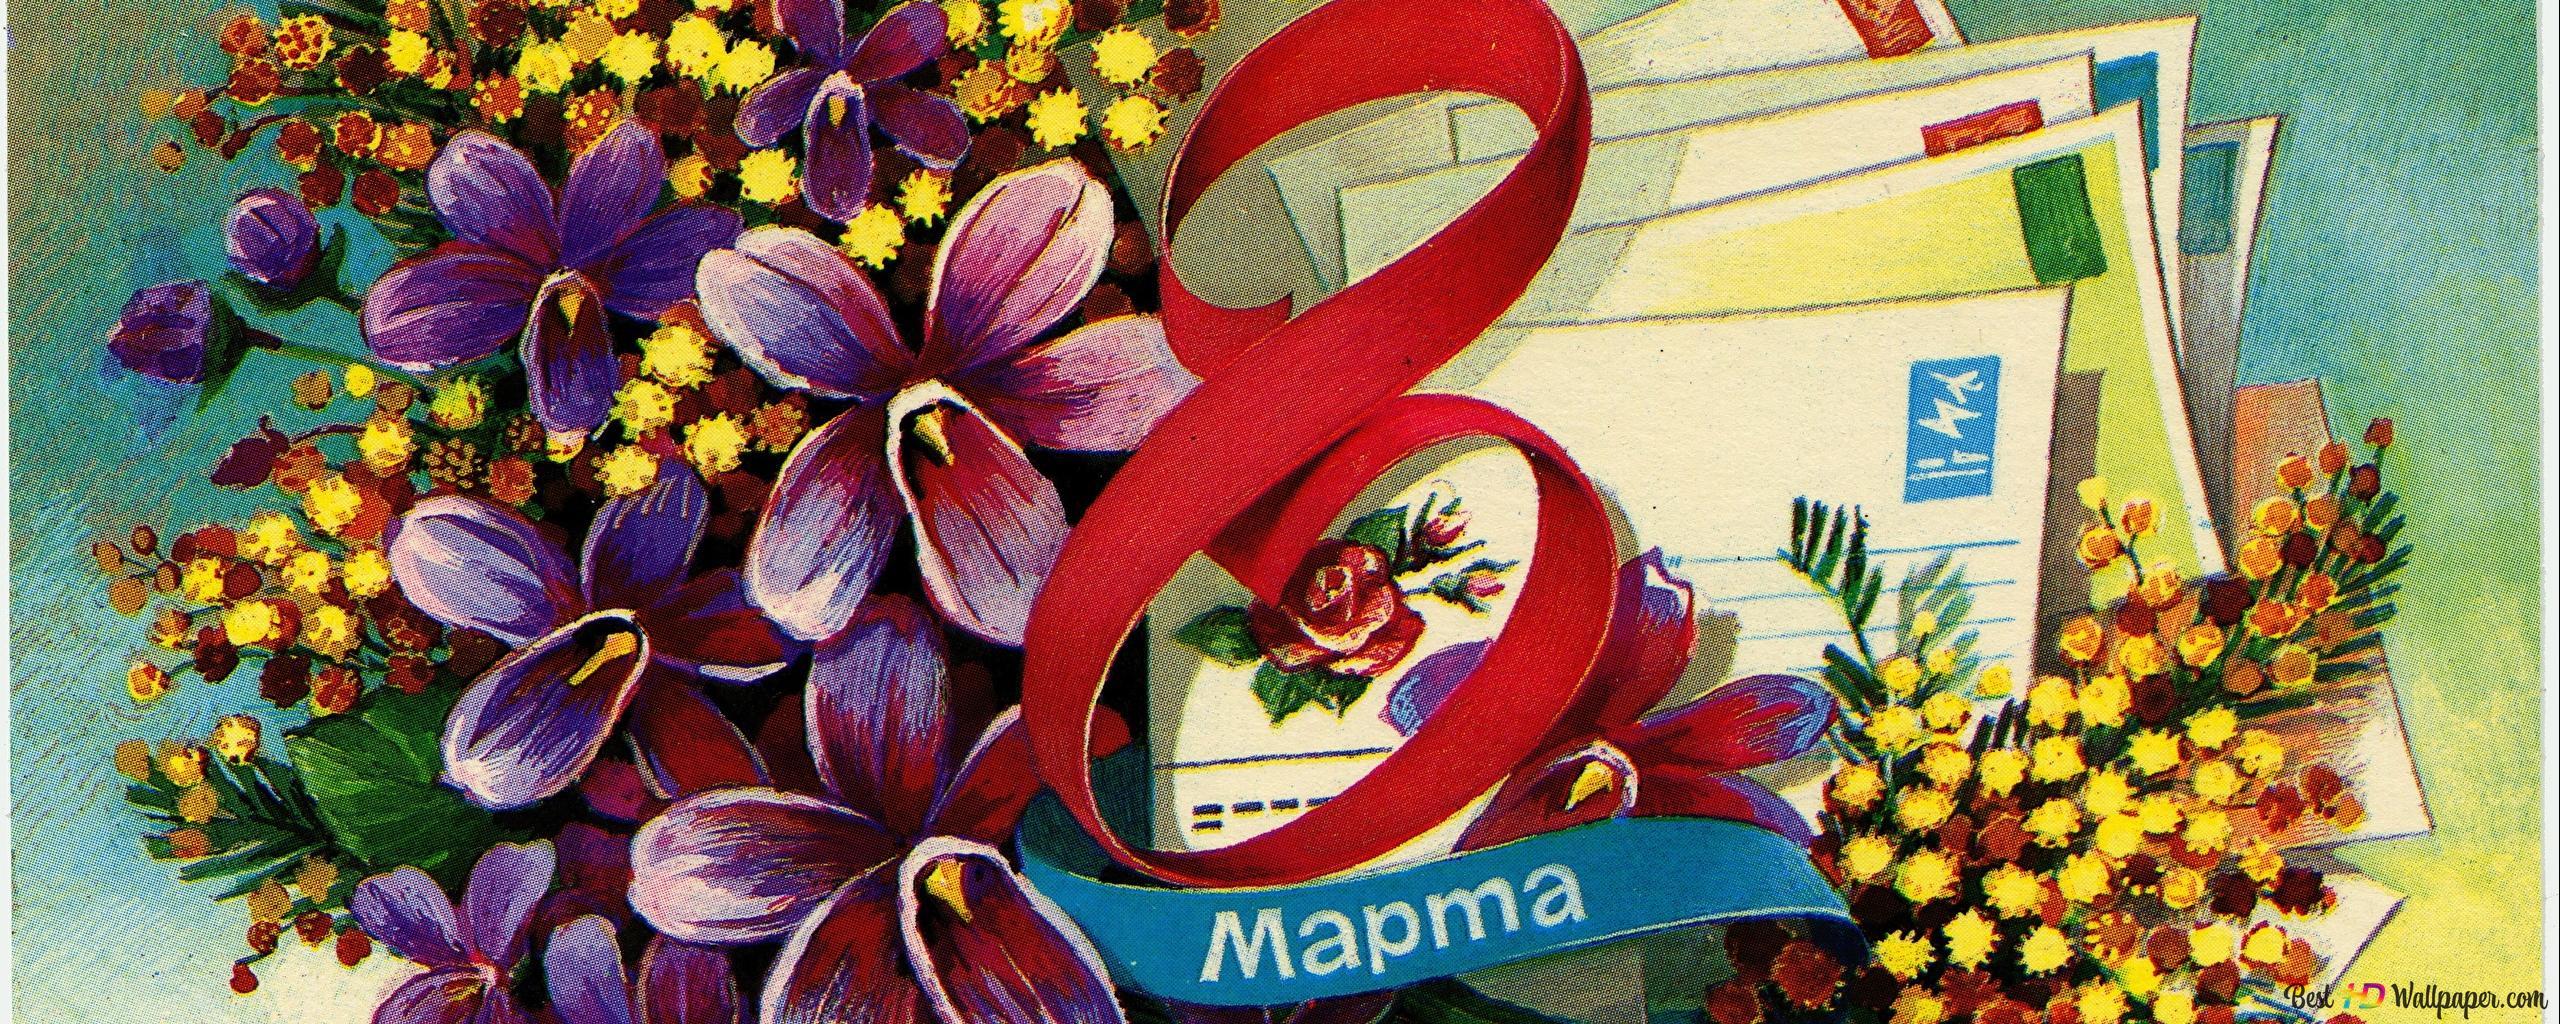 Fiori 5 Lettere.La Festa Della Donna Lettere E Fiori Pittura Download Di Sfondi Hd